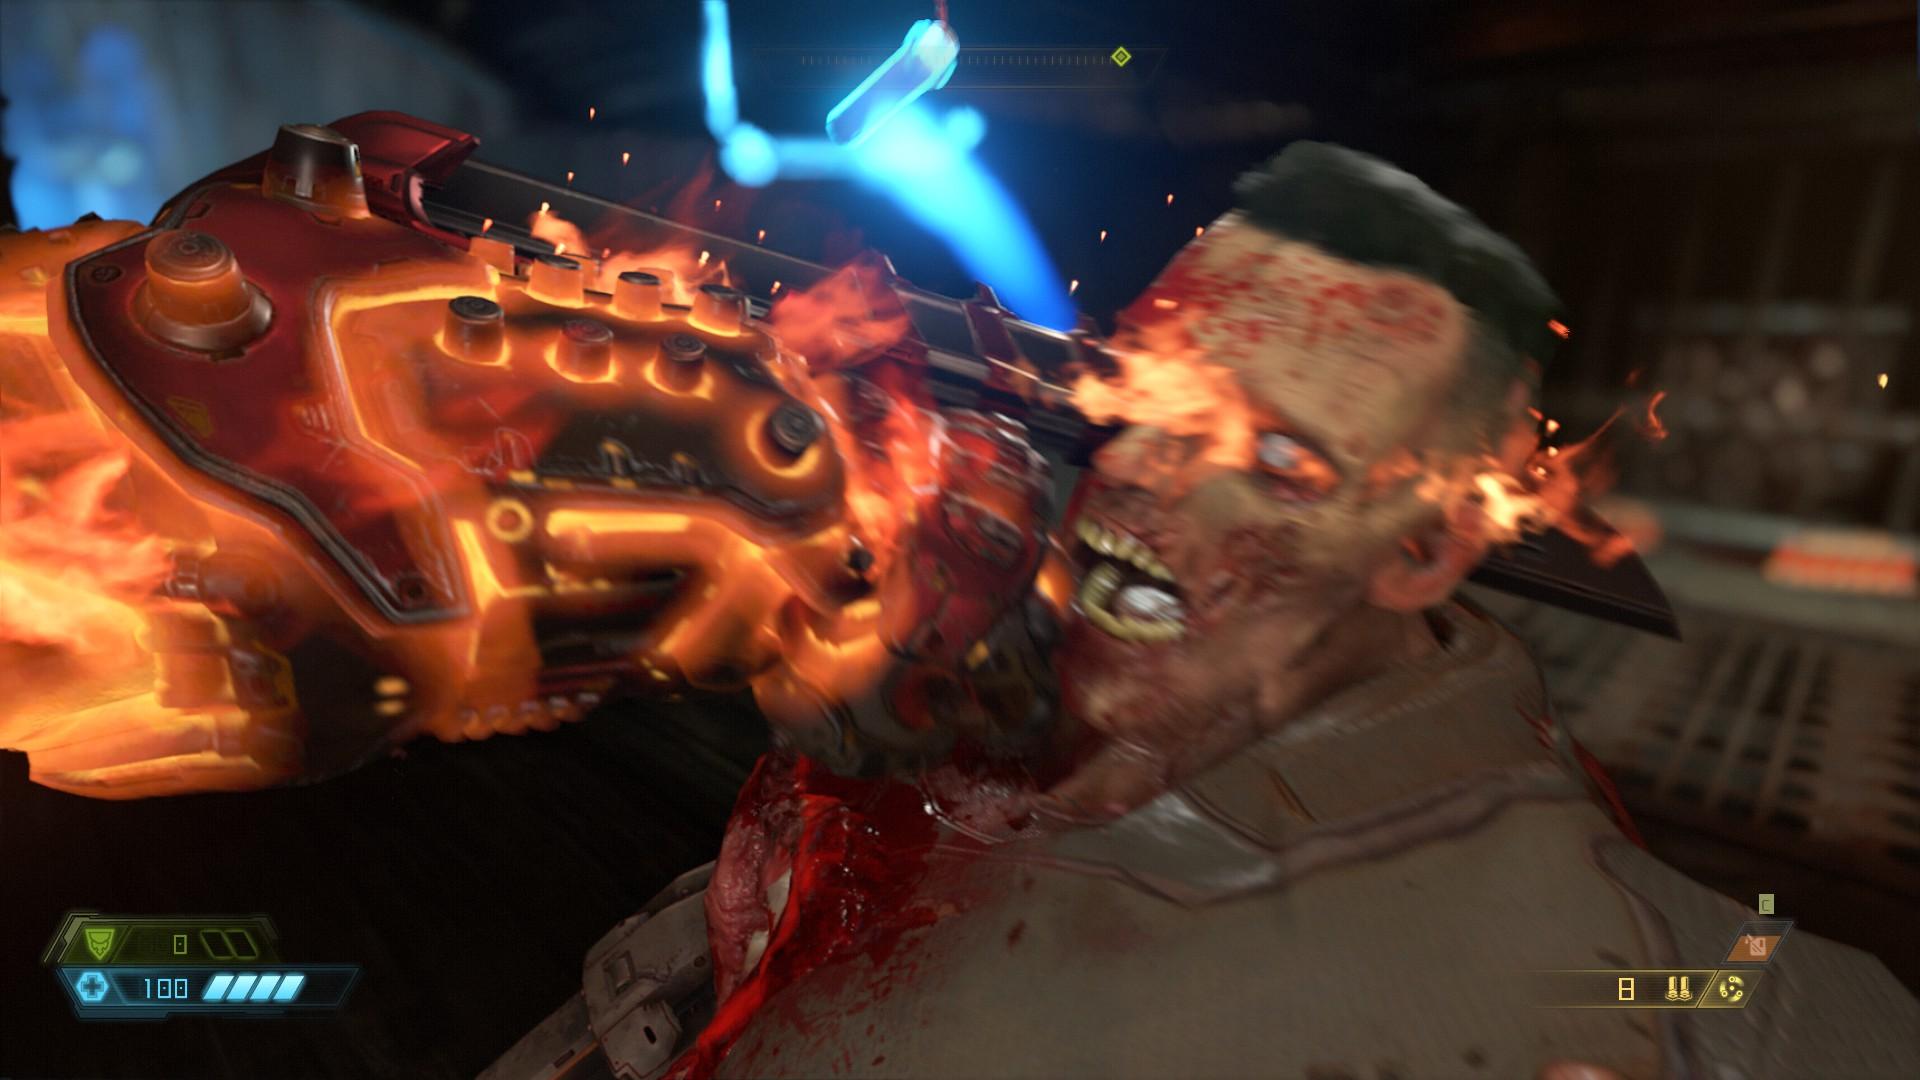 《毁灭战士:永恒》评测:猛男打枪,不止是无脑突突突